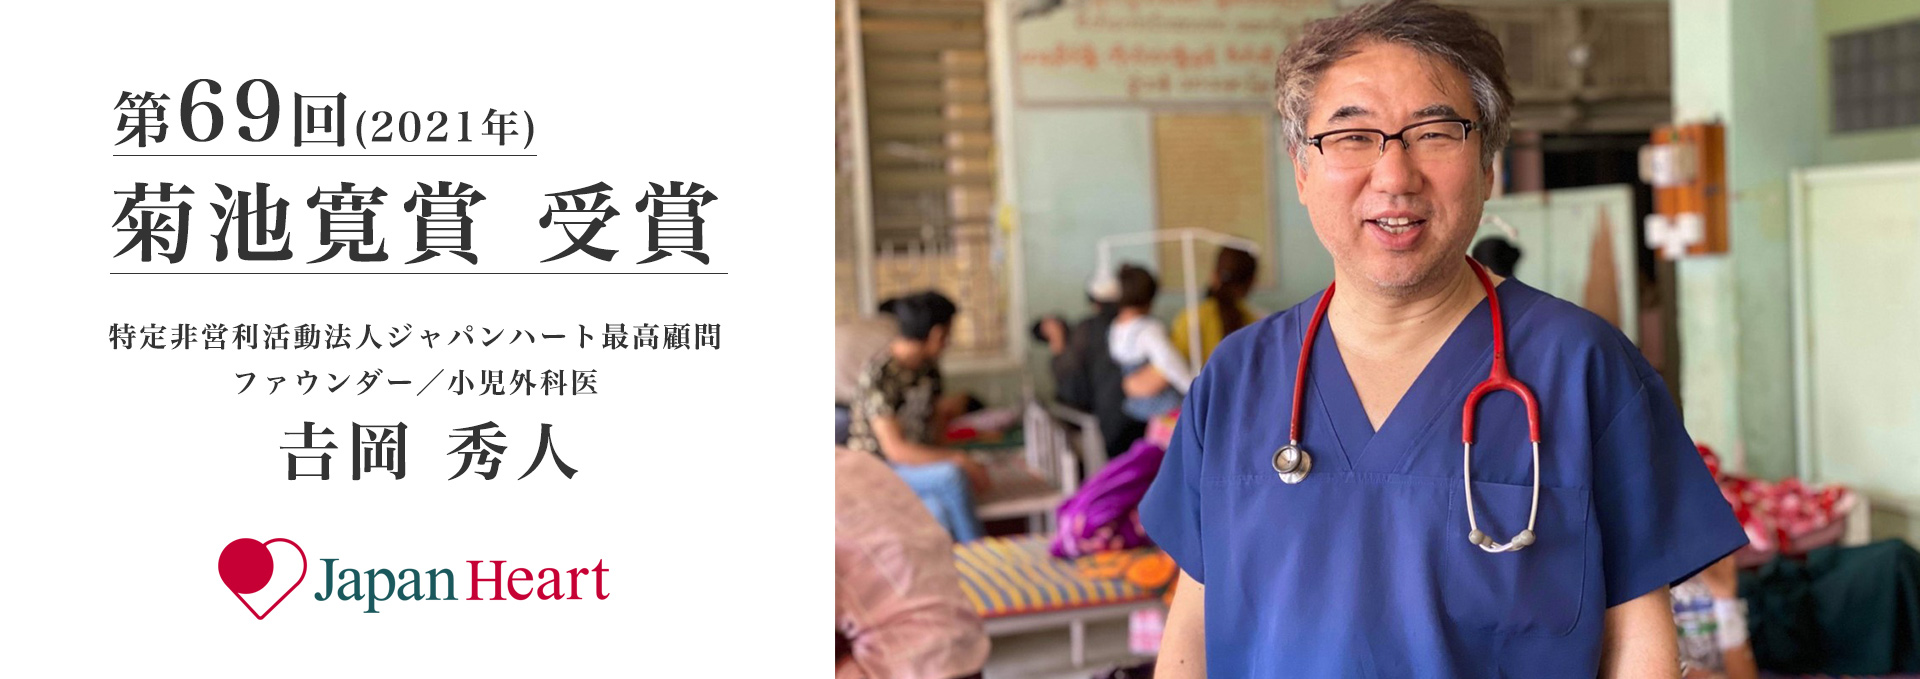 日本発祥の国際医療NGOジャパンハート創設者、吉岡秀人 「第69回菊池寛賞」受賞決定! ~25年間医療支援を「継続する力」に~